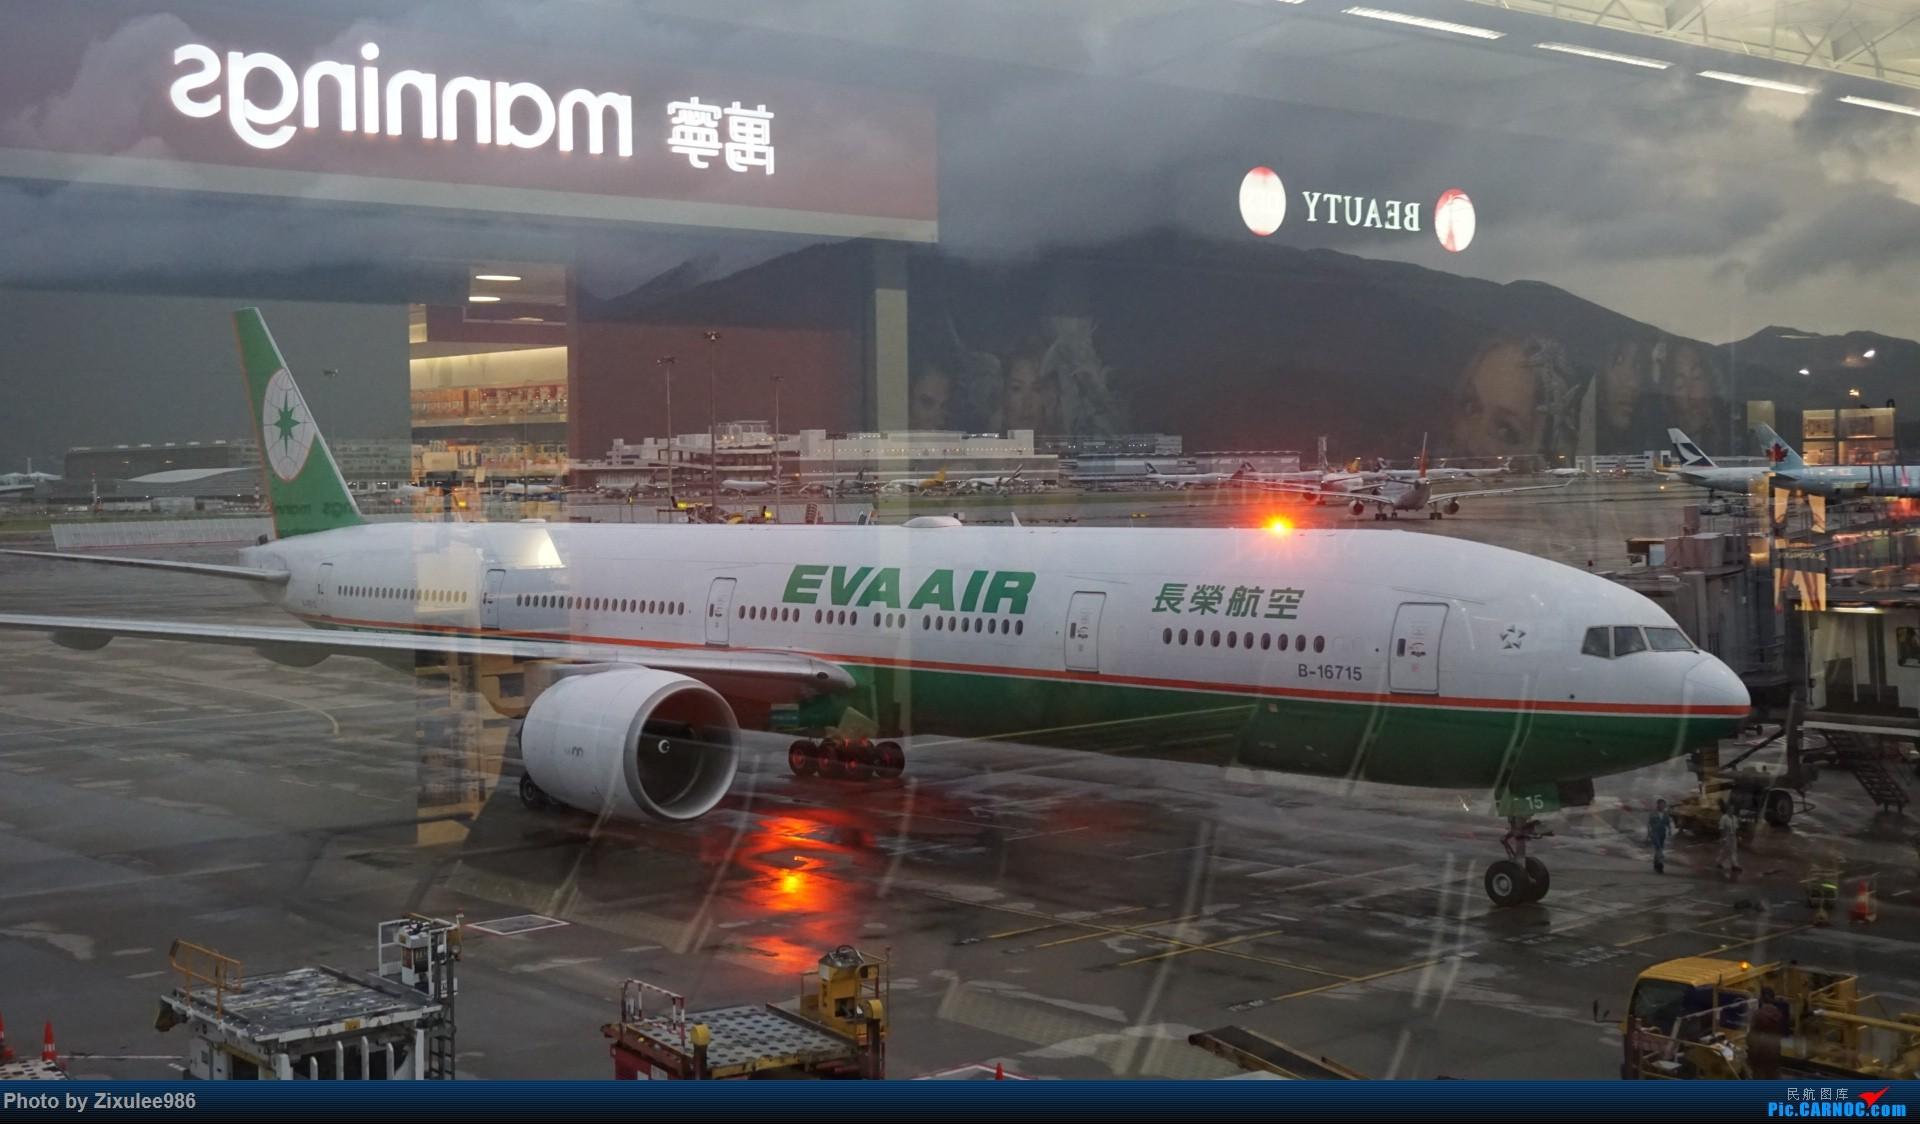 台湾长荣航空公司 B-16715 Boeing777-35E(ER)有闪灯,拍摄于HKG BOEING 777-35E(ER) B-16715 中国香港国际机场